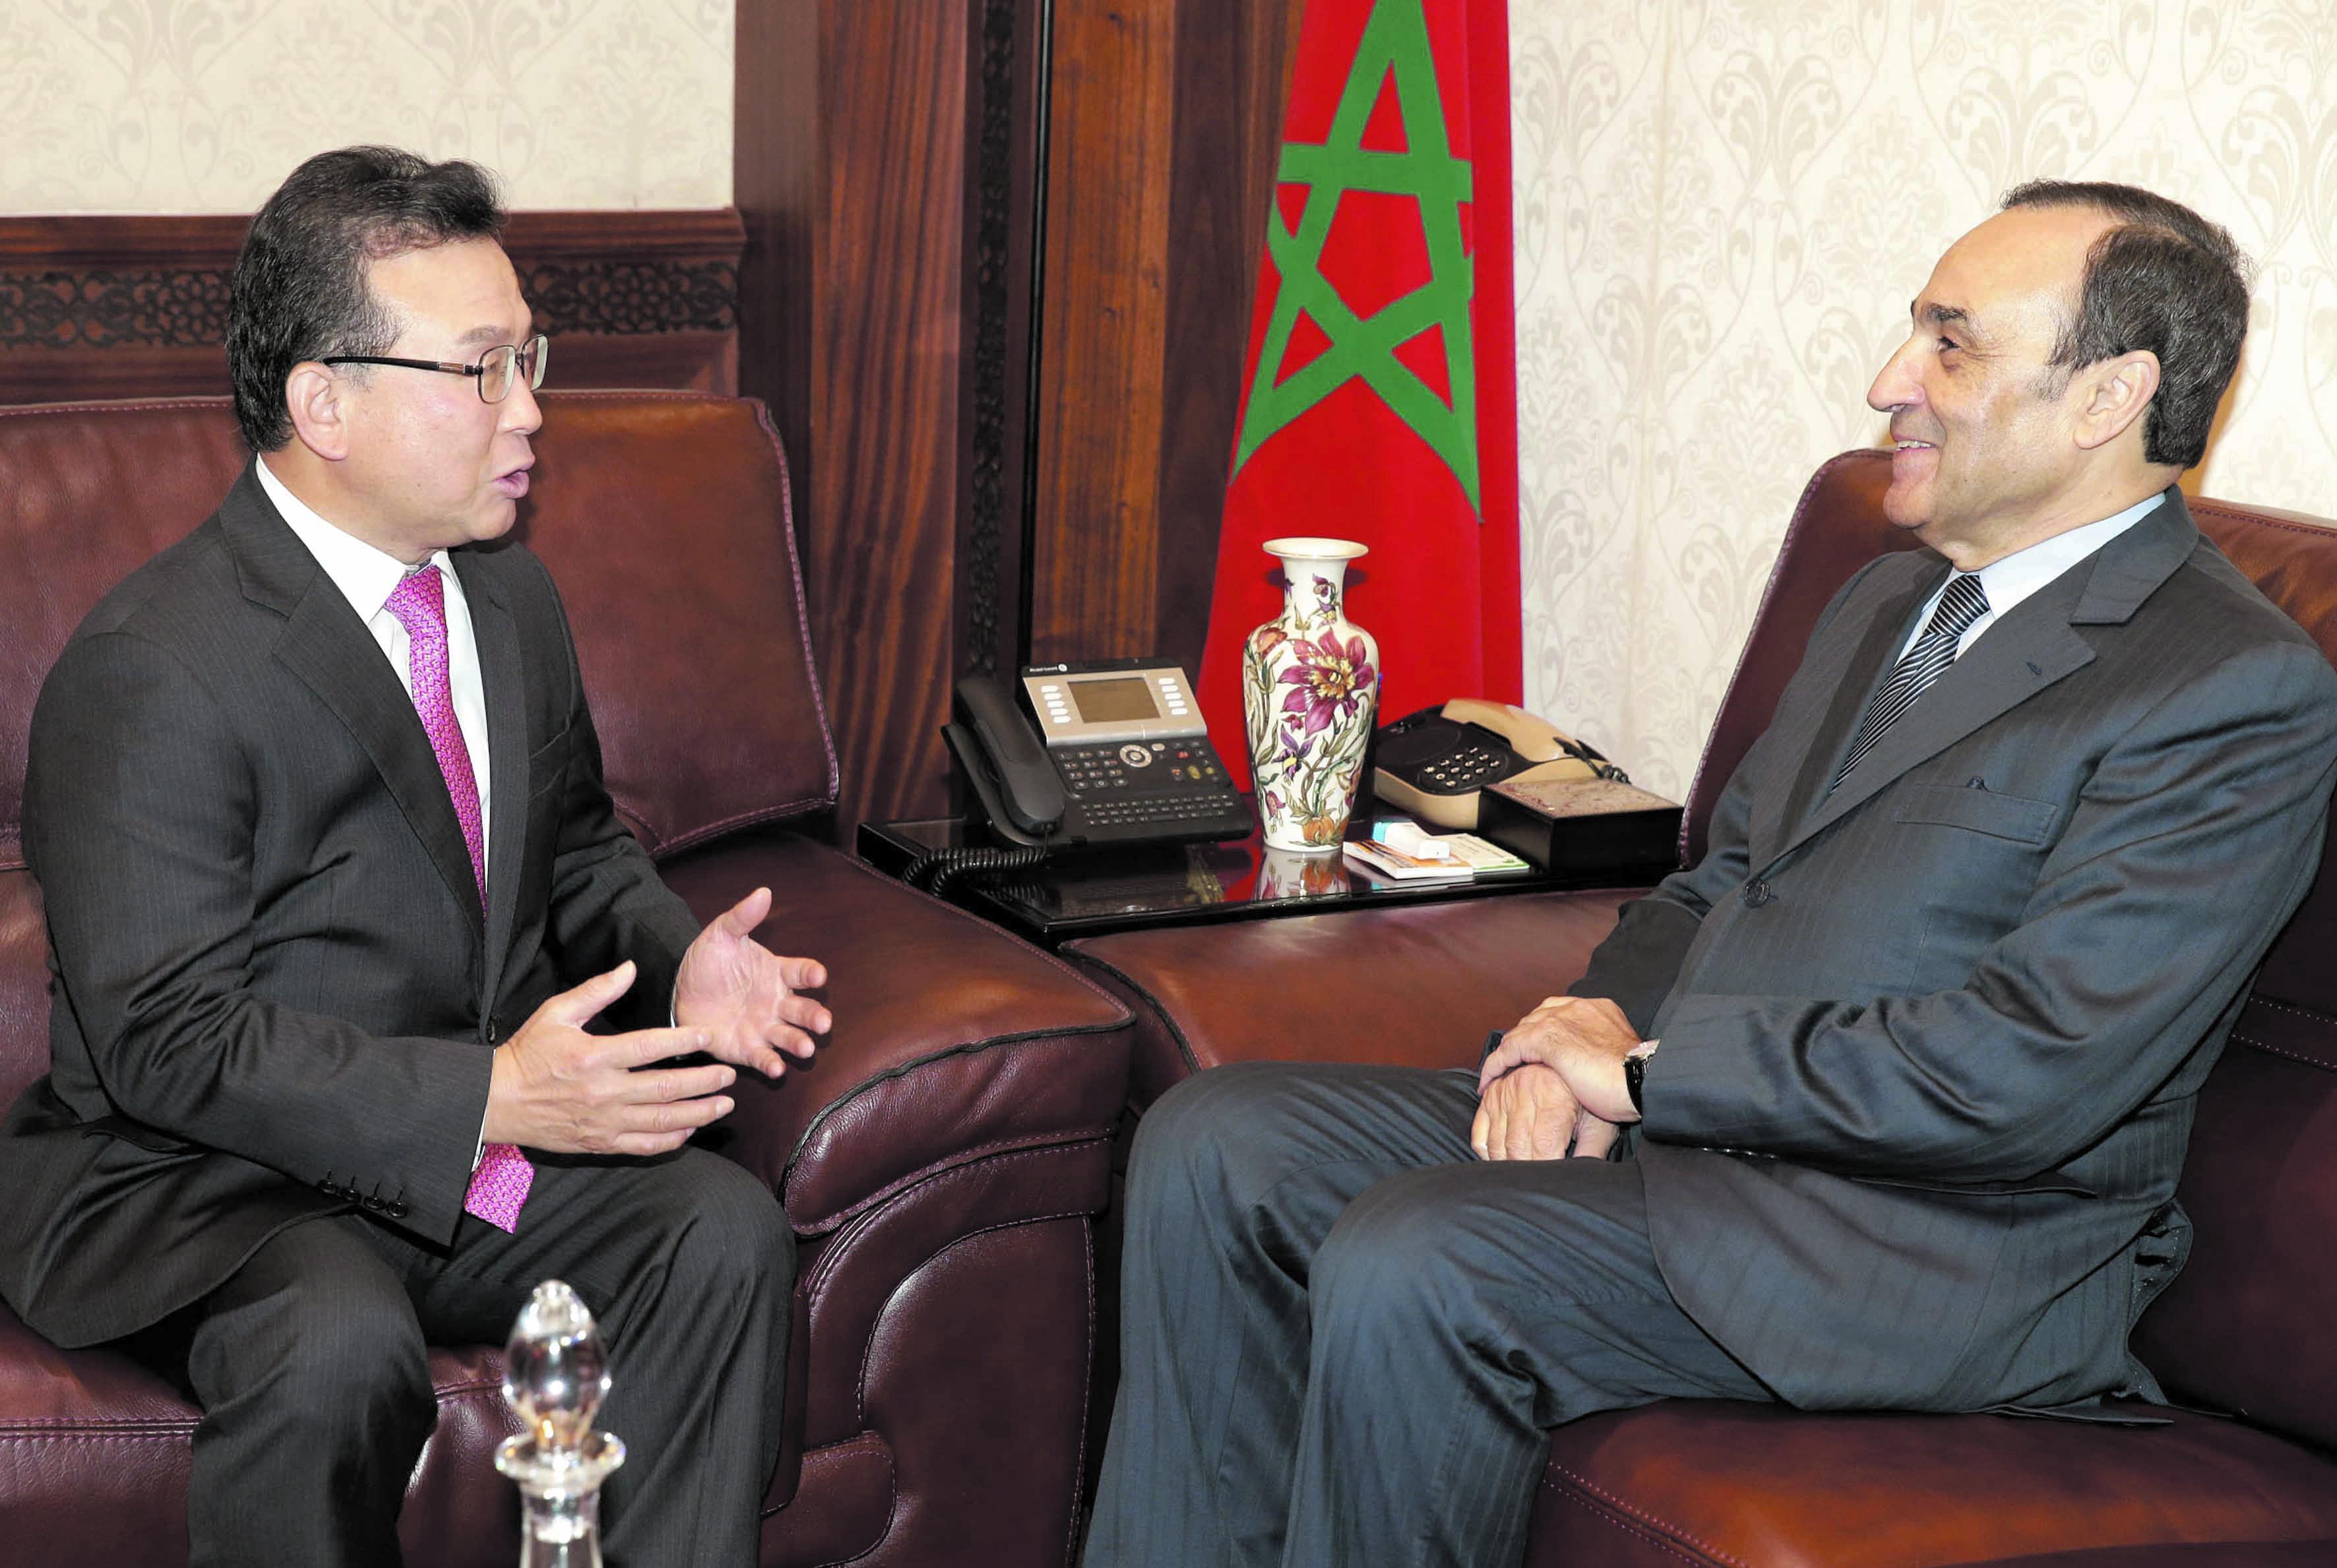 Le président de la Chambre des représentants reçoit l'ambassadeur sud-coréen à Rabat